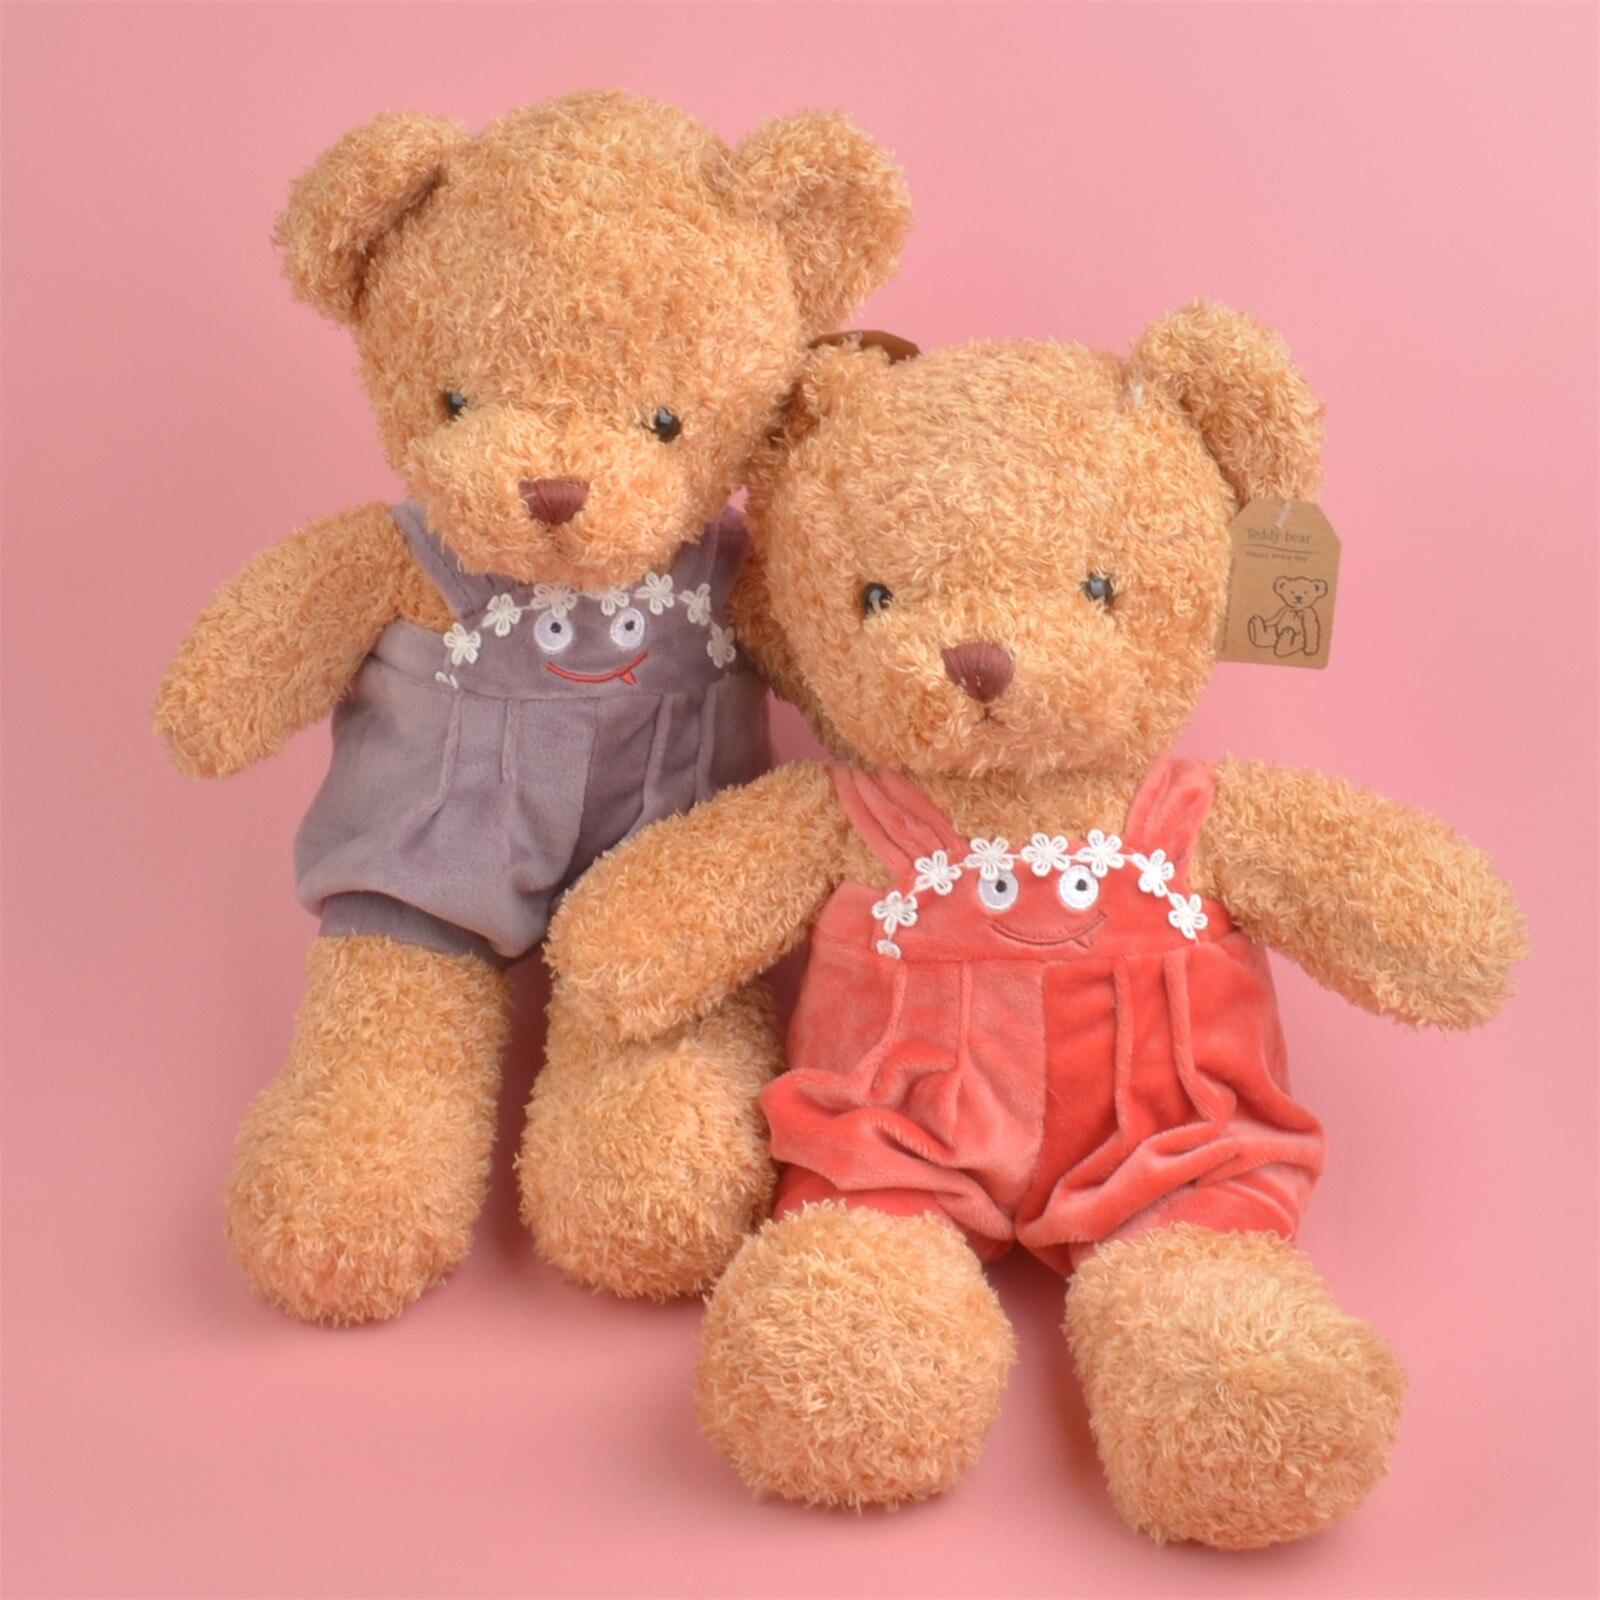 Pantalones de 35cm colores oso animales lindo bebé/niños cumpleaños, regalo de Navidad, muñeco de peluche envío gratis